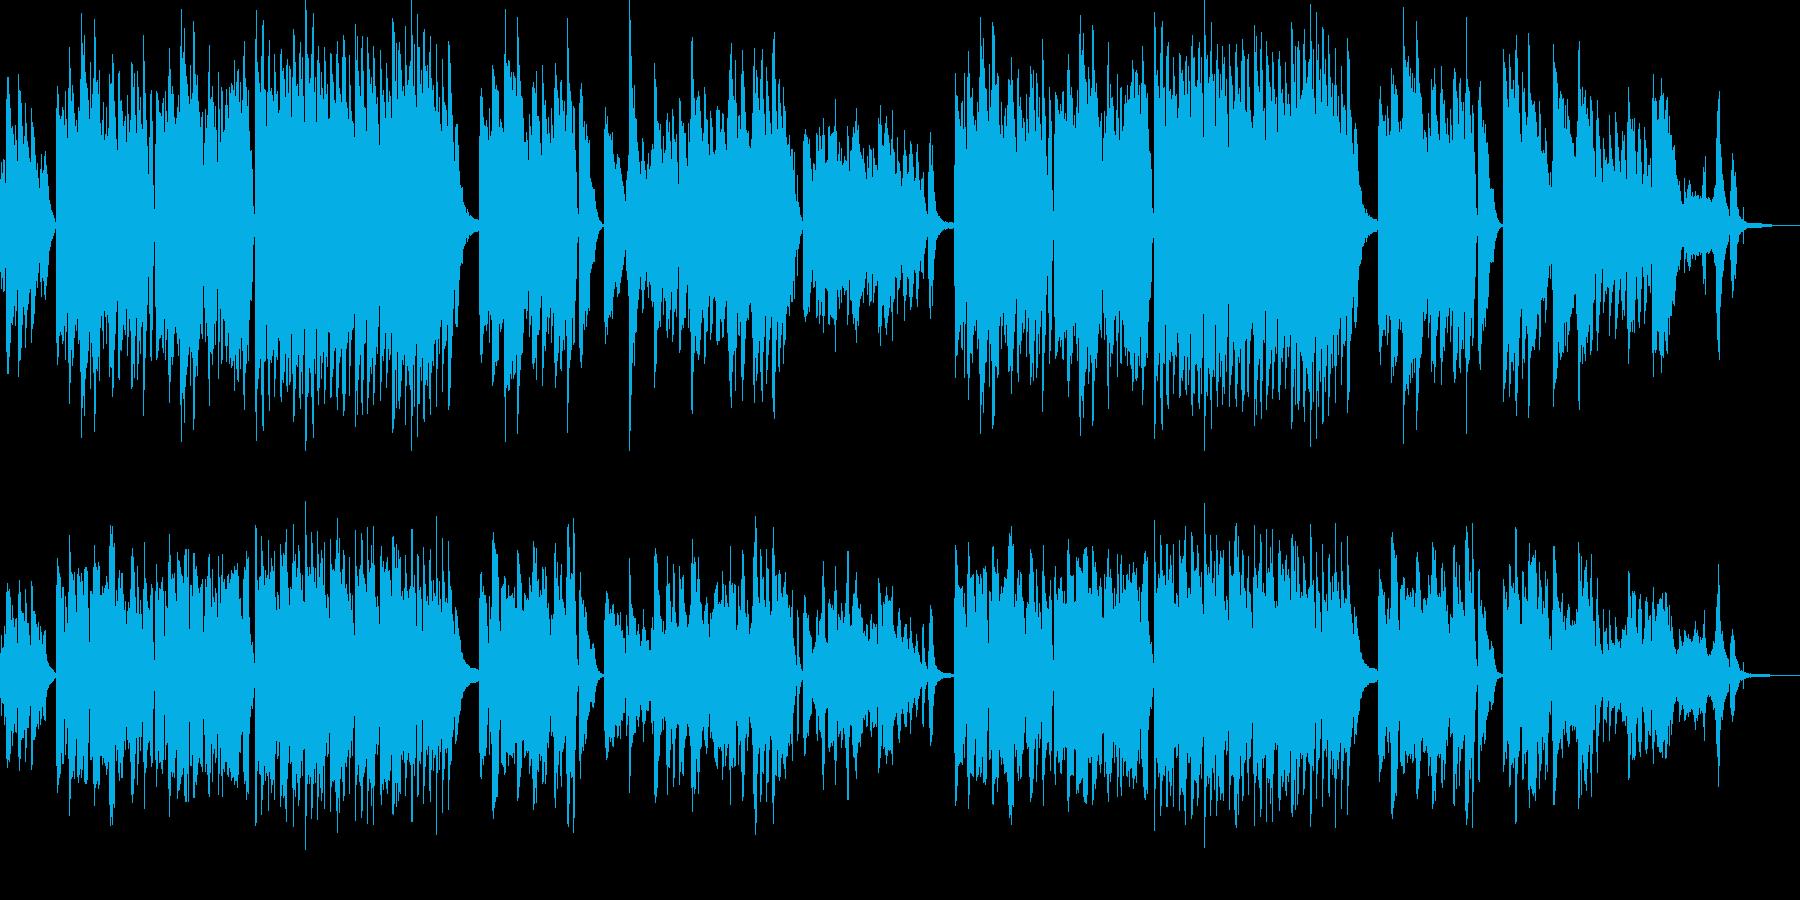 満天の星空 リラックスできる曲 ピアノの再生済みの波形